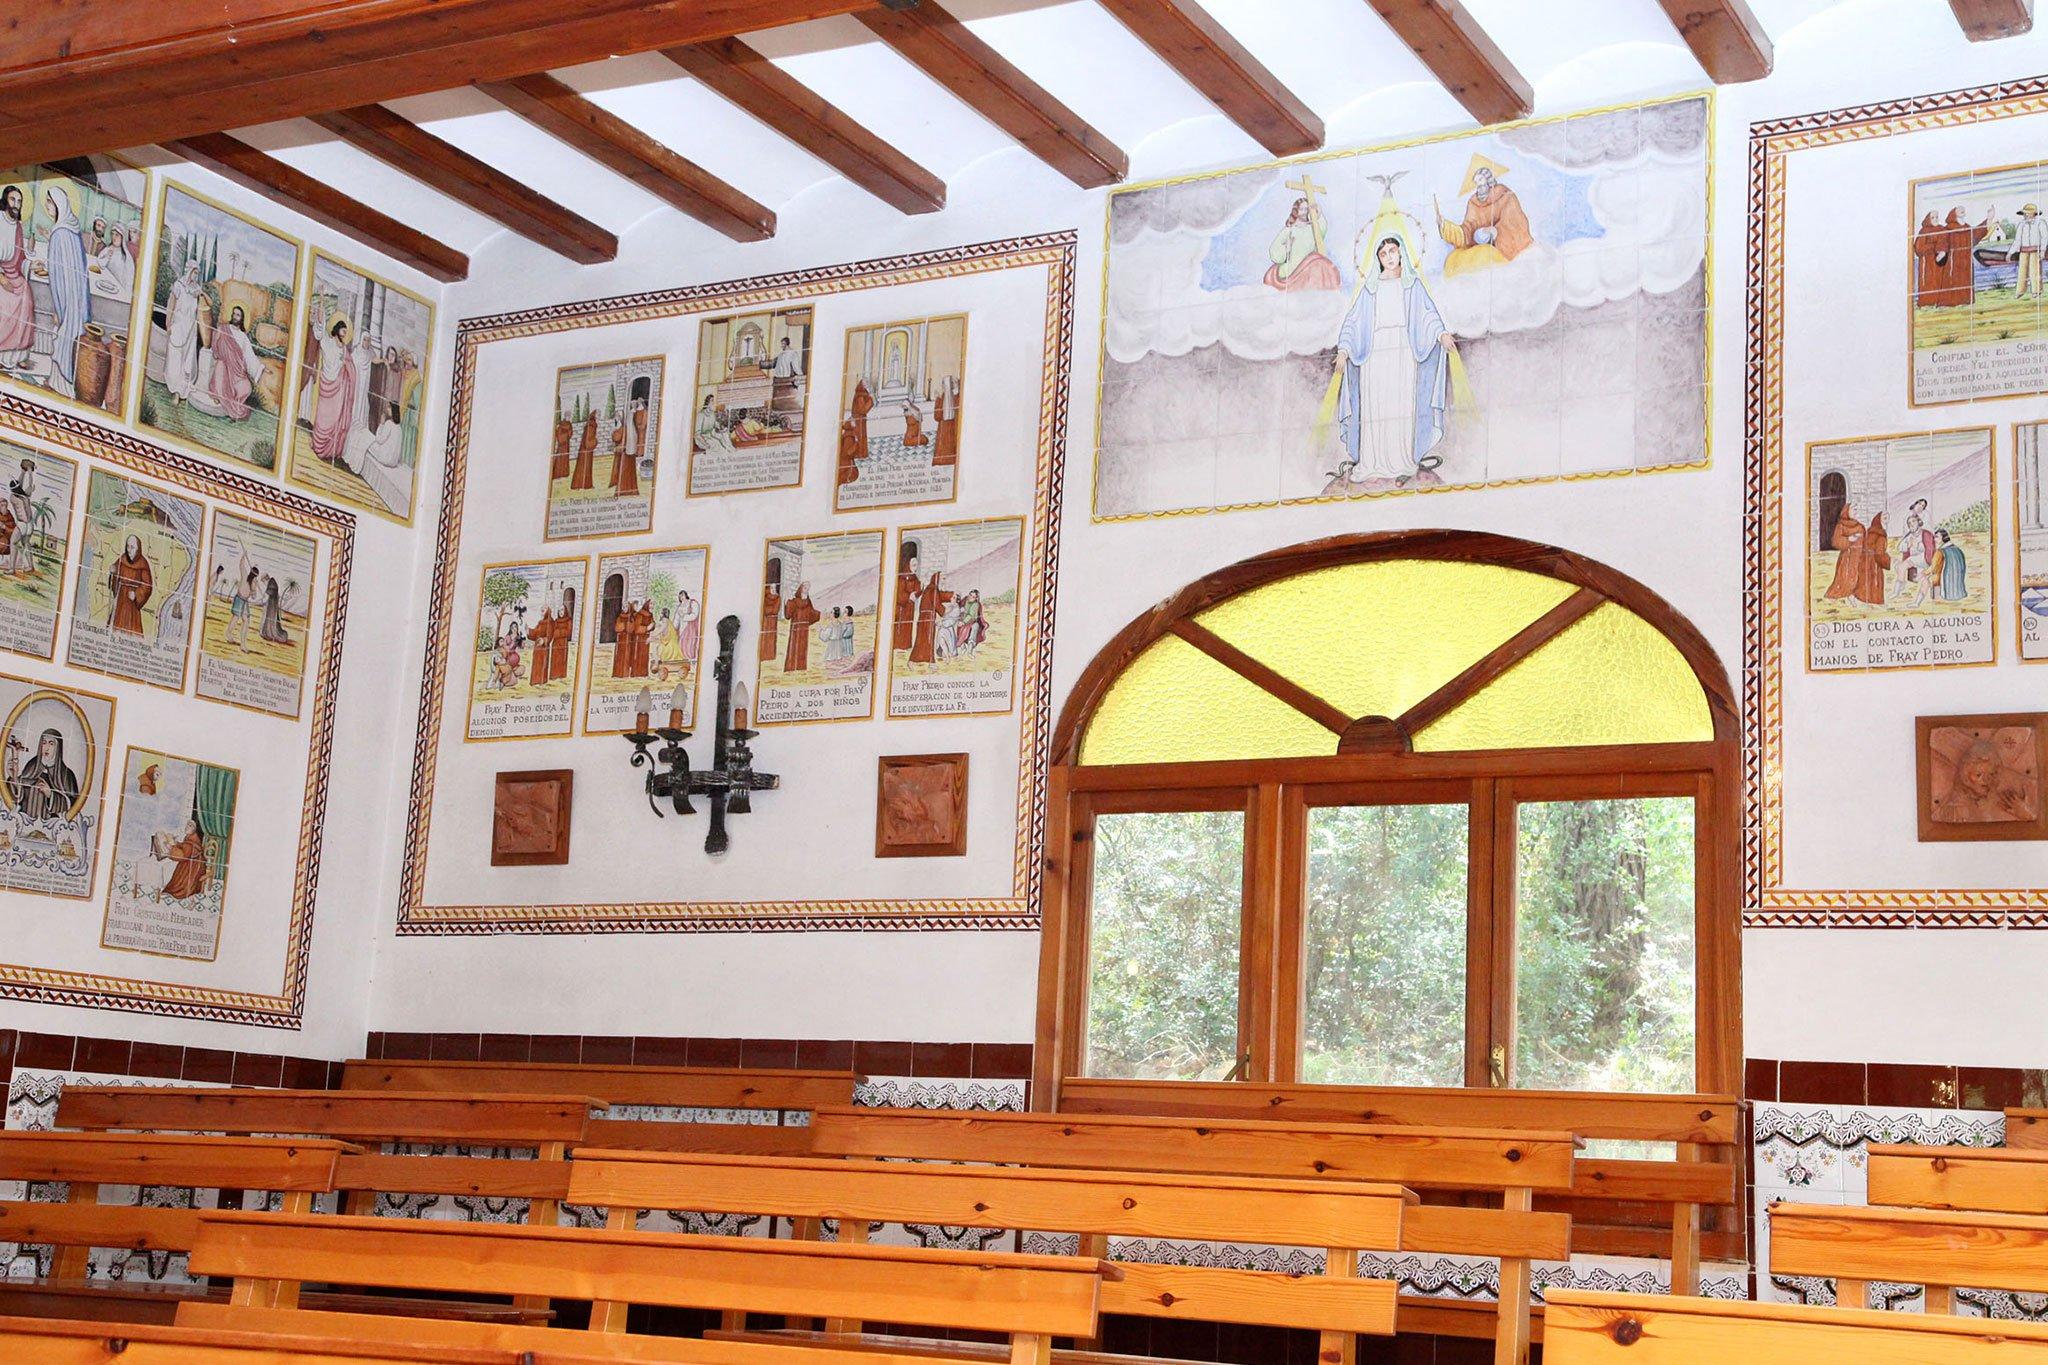 Ventana de la ermita del Pare Pere en Dénia | Imagen: Tino Calvo